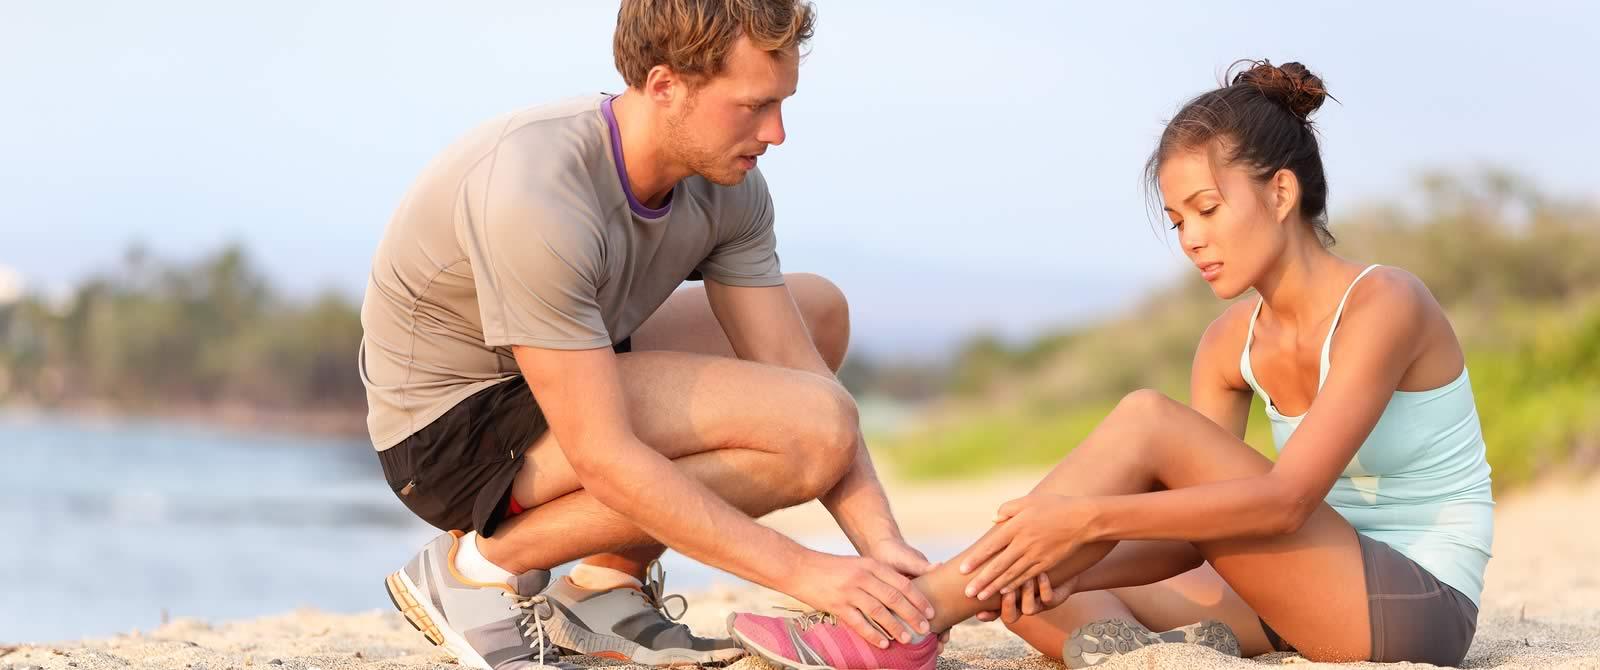 Бальзам Спасатель® незаменим при различных повреждениях кожи  и травмах. Эффективность и безопасность его подтверждена многолетней практикой.